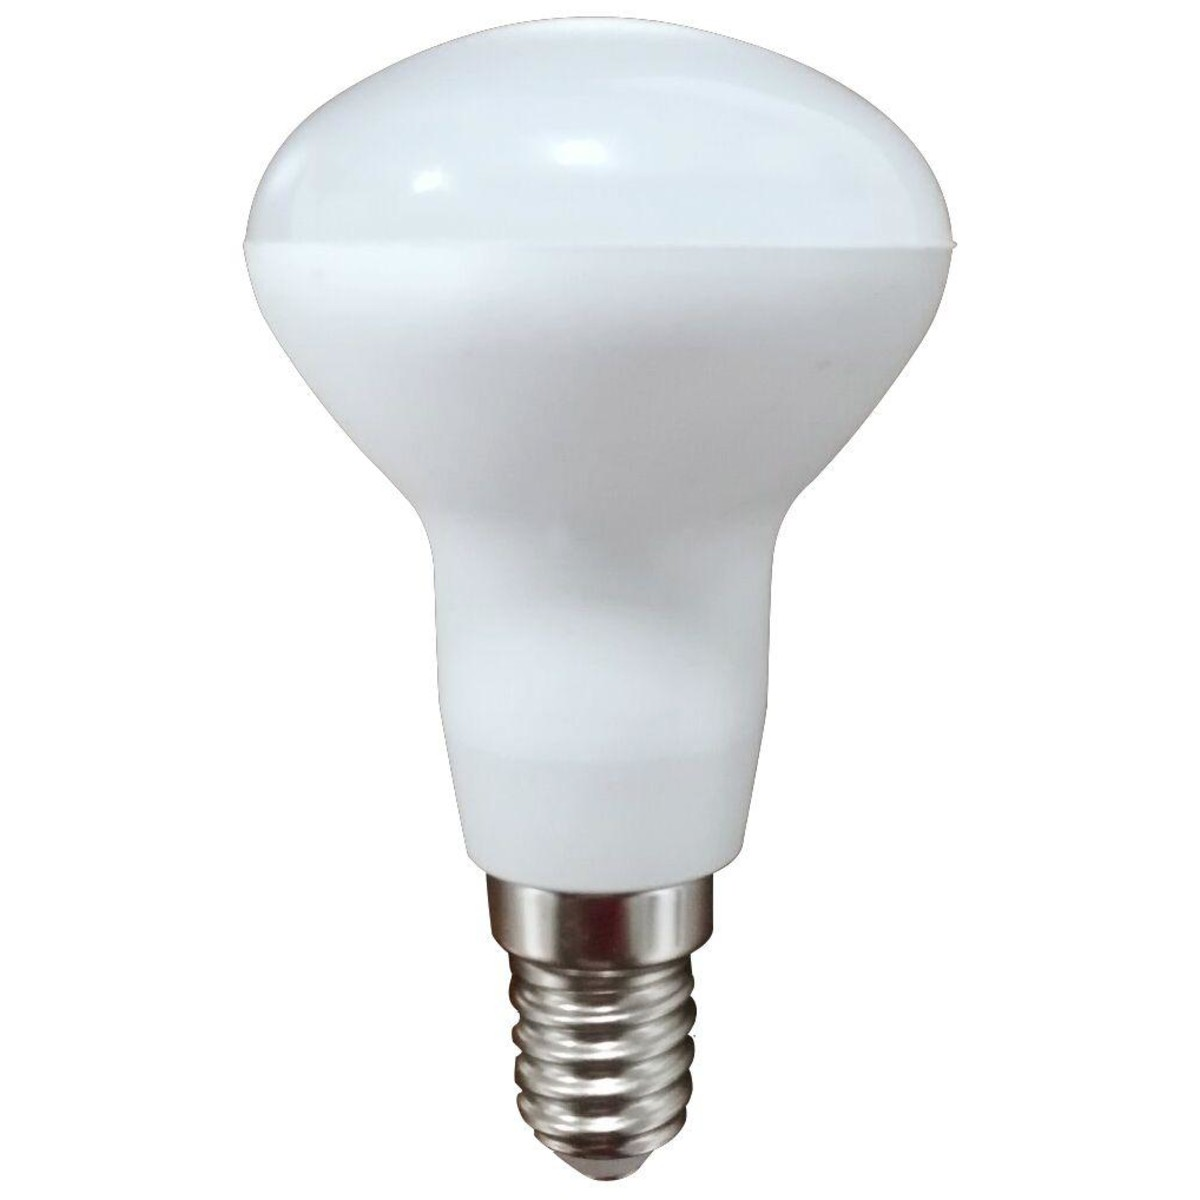 Лампа Ecola стандарт светодионая E14 5.20 Вт рефлекторная 410 Лм нейтральный свет